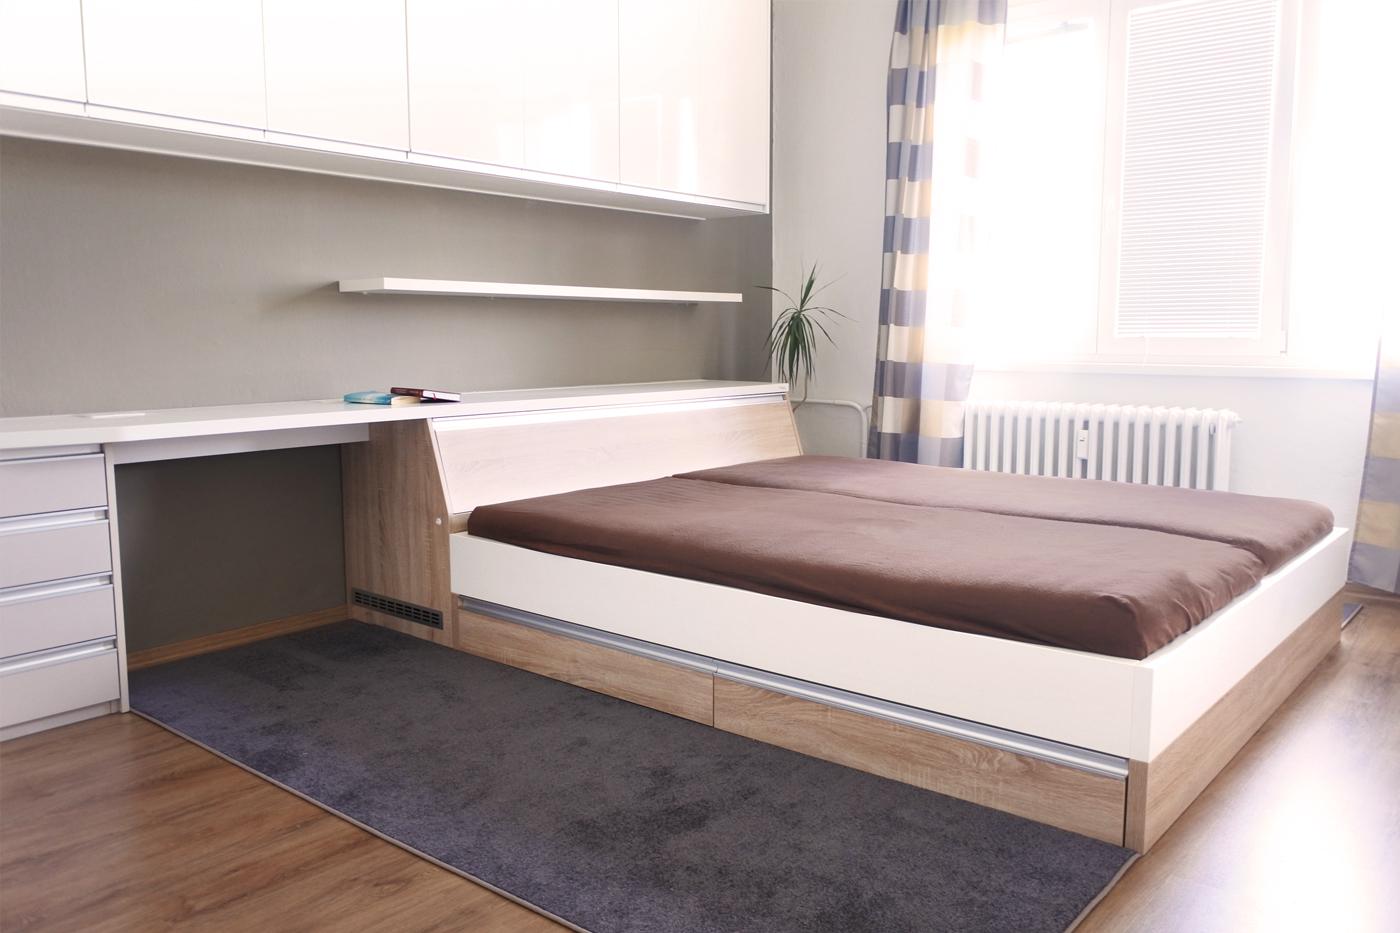 Krom dostatečného úložného prostoru má ložnice i menší stůl pro občasnou práci s notebookem.